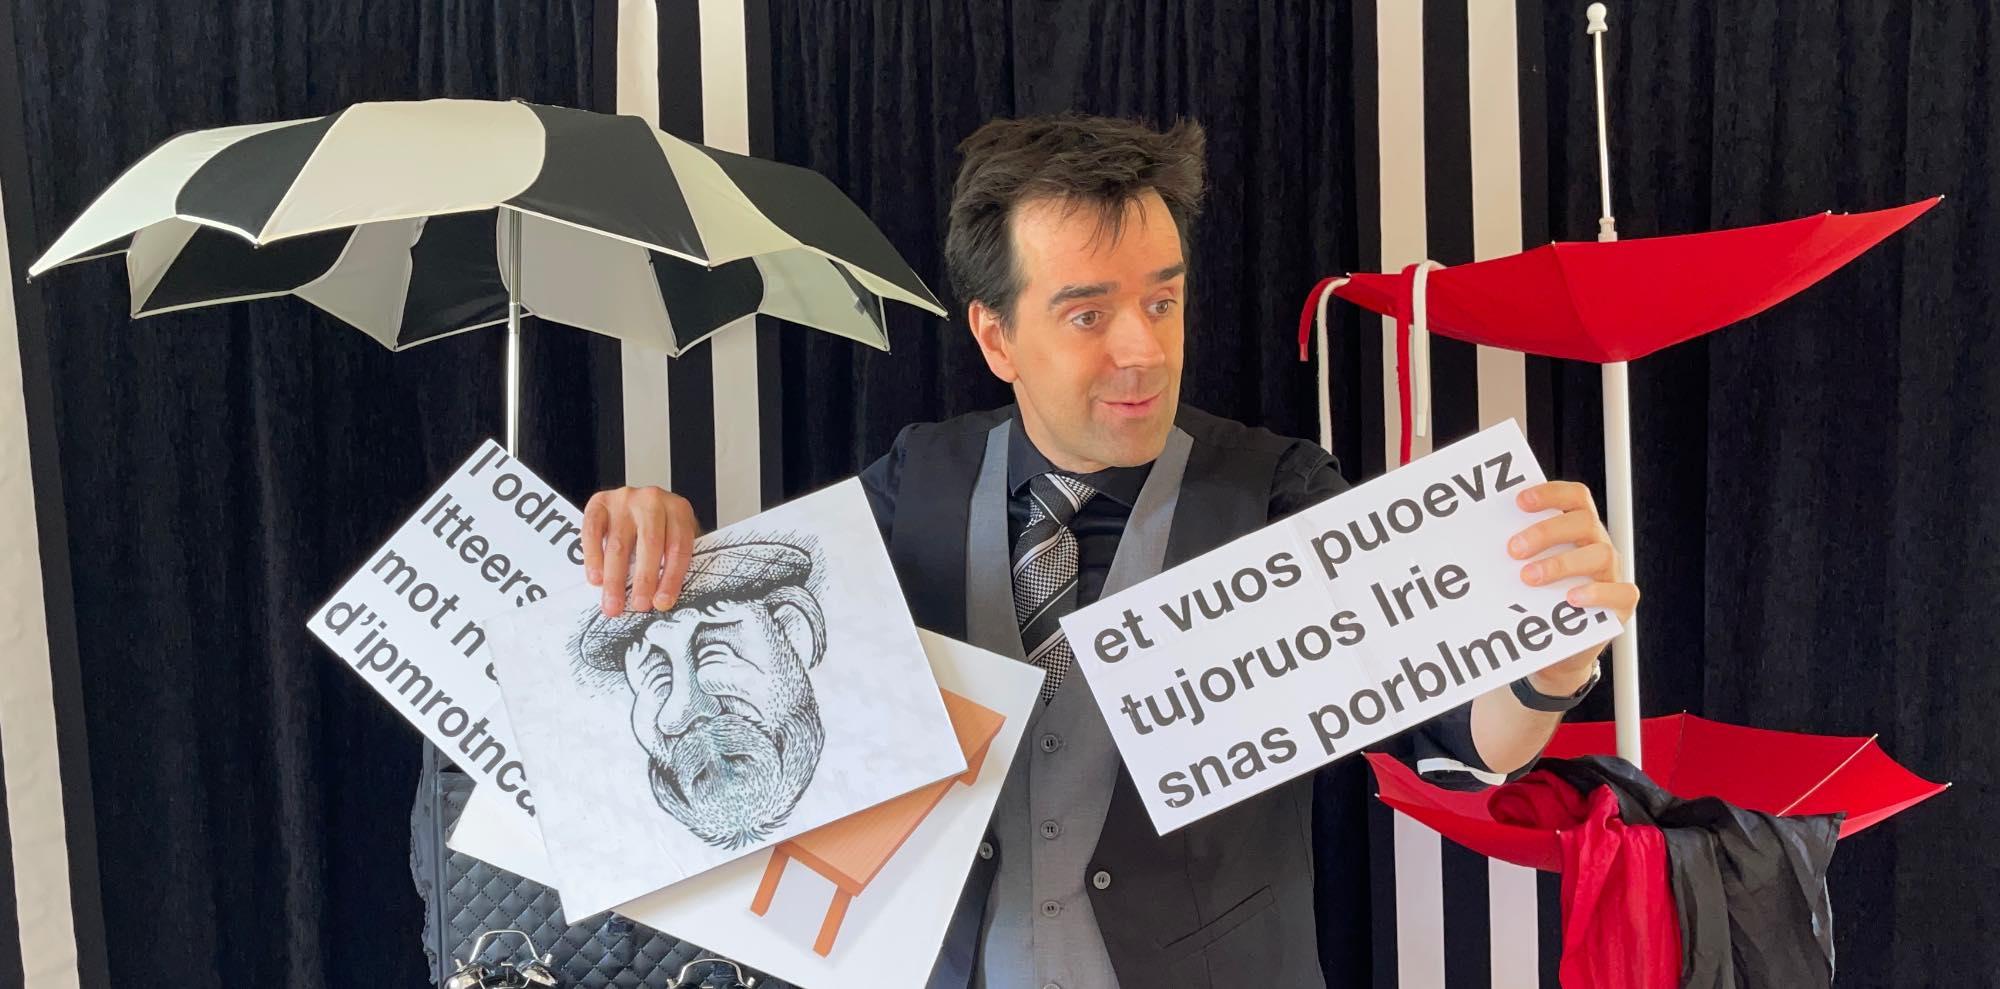 spectacle de magie et illusions d'optiques pour adultes, tout public à Lille, Arras, Douai, Roubaix, Cambrai, Doullens